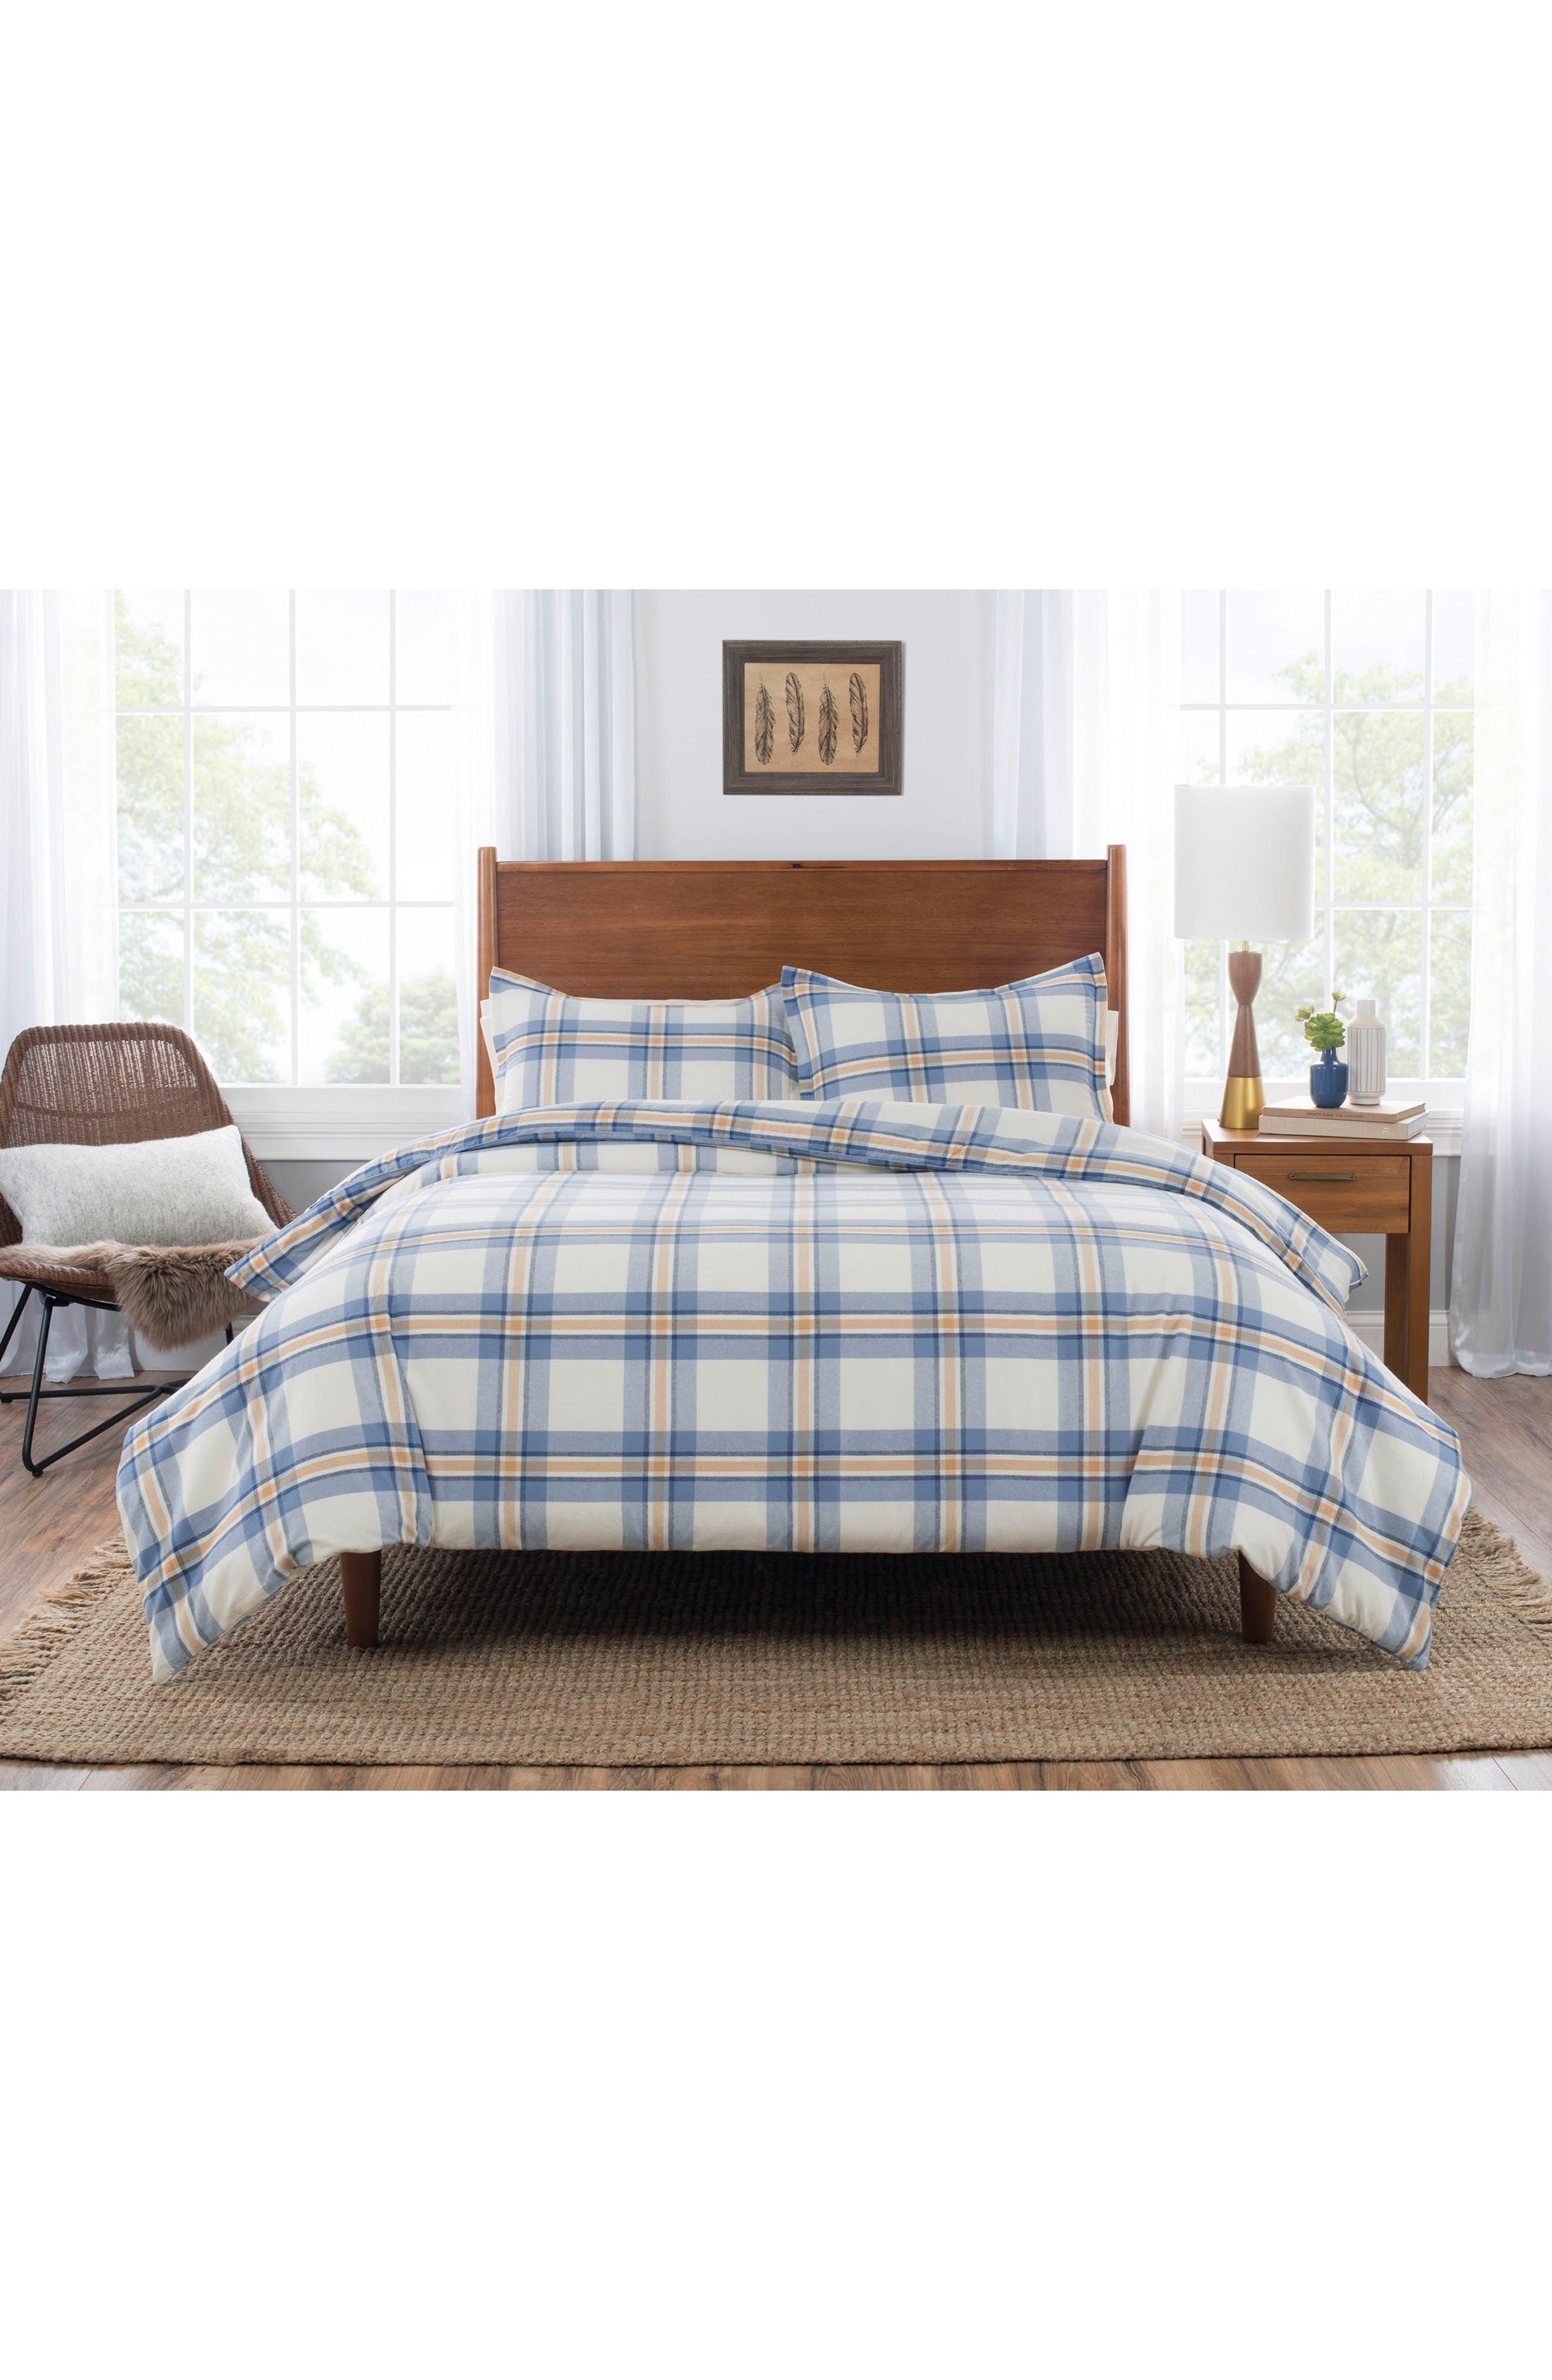 Pinecrest Comforter & Sham Set,                         Main,                         color, BLUE/ GOLD